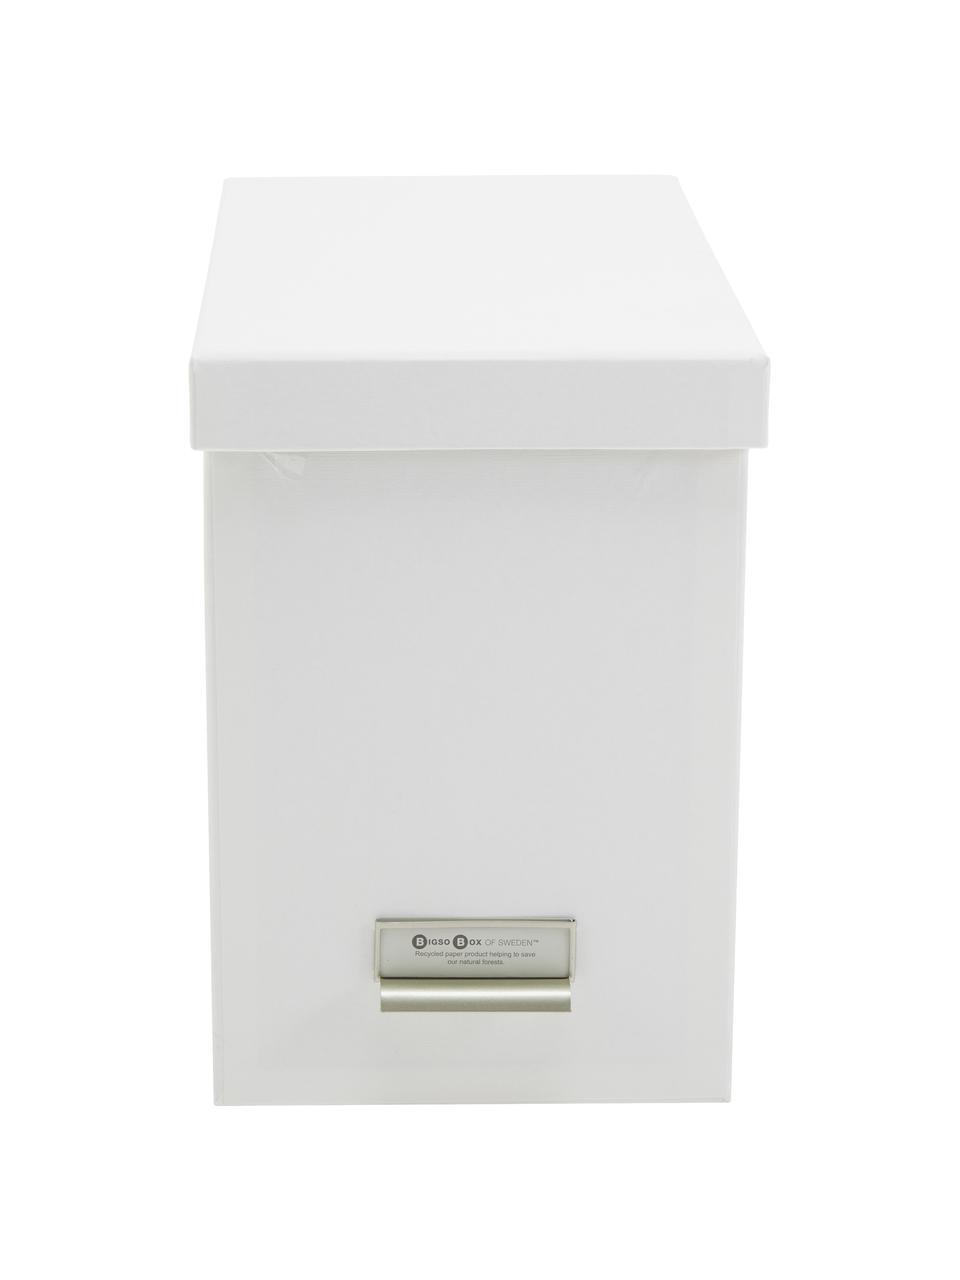 Hängeregister-Box Johan, 9-tlg., Organizer: Fester, laminierter Karto, Organizer außen: WeißOrganizer innen: Weiß, 19 x 27 cm